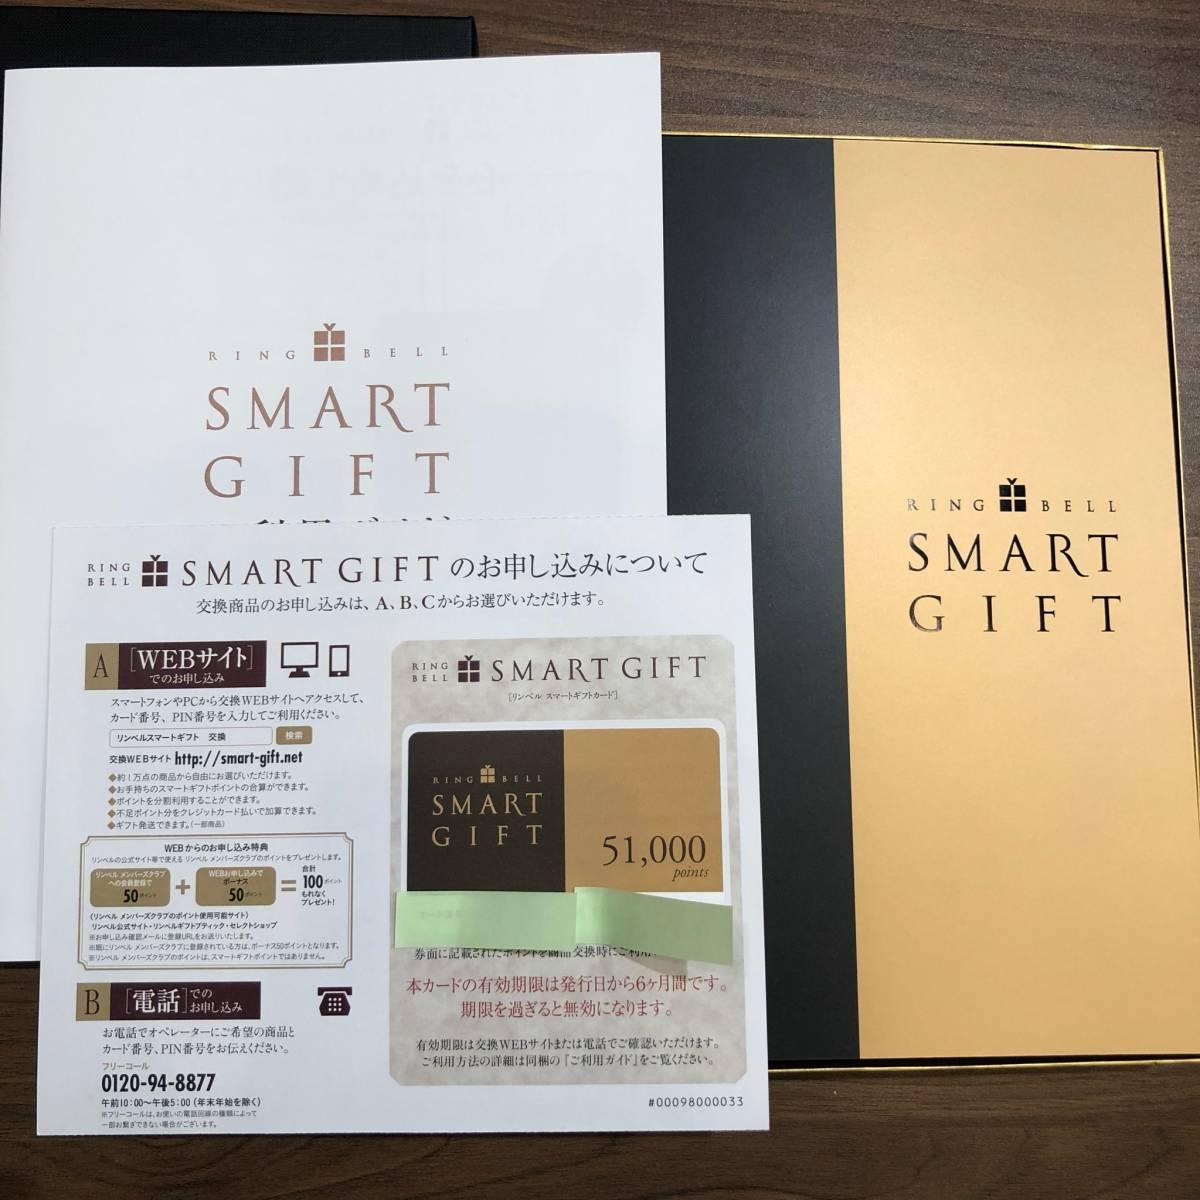 ★カタログギフト リンベル RINGBELL SNART GIFT 51000円分 有効期限2019.12.12  _画像2